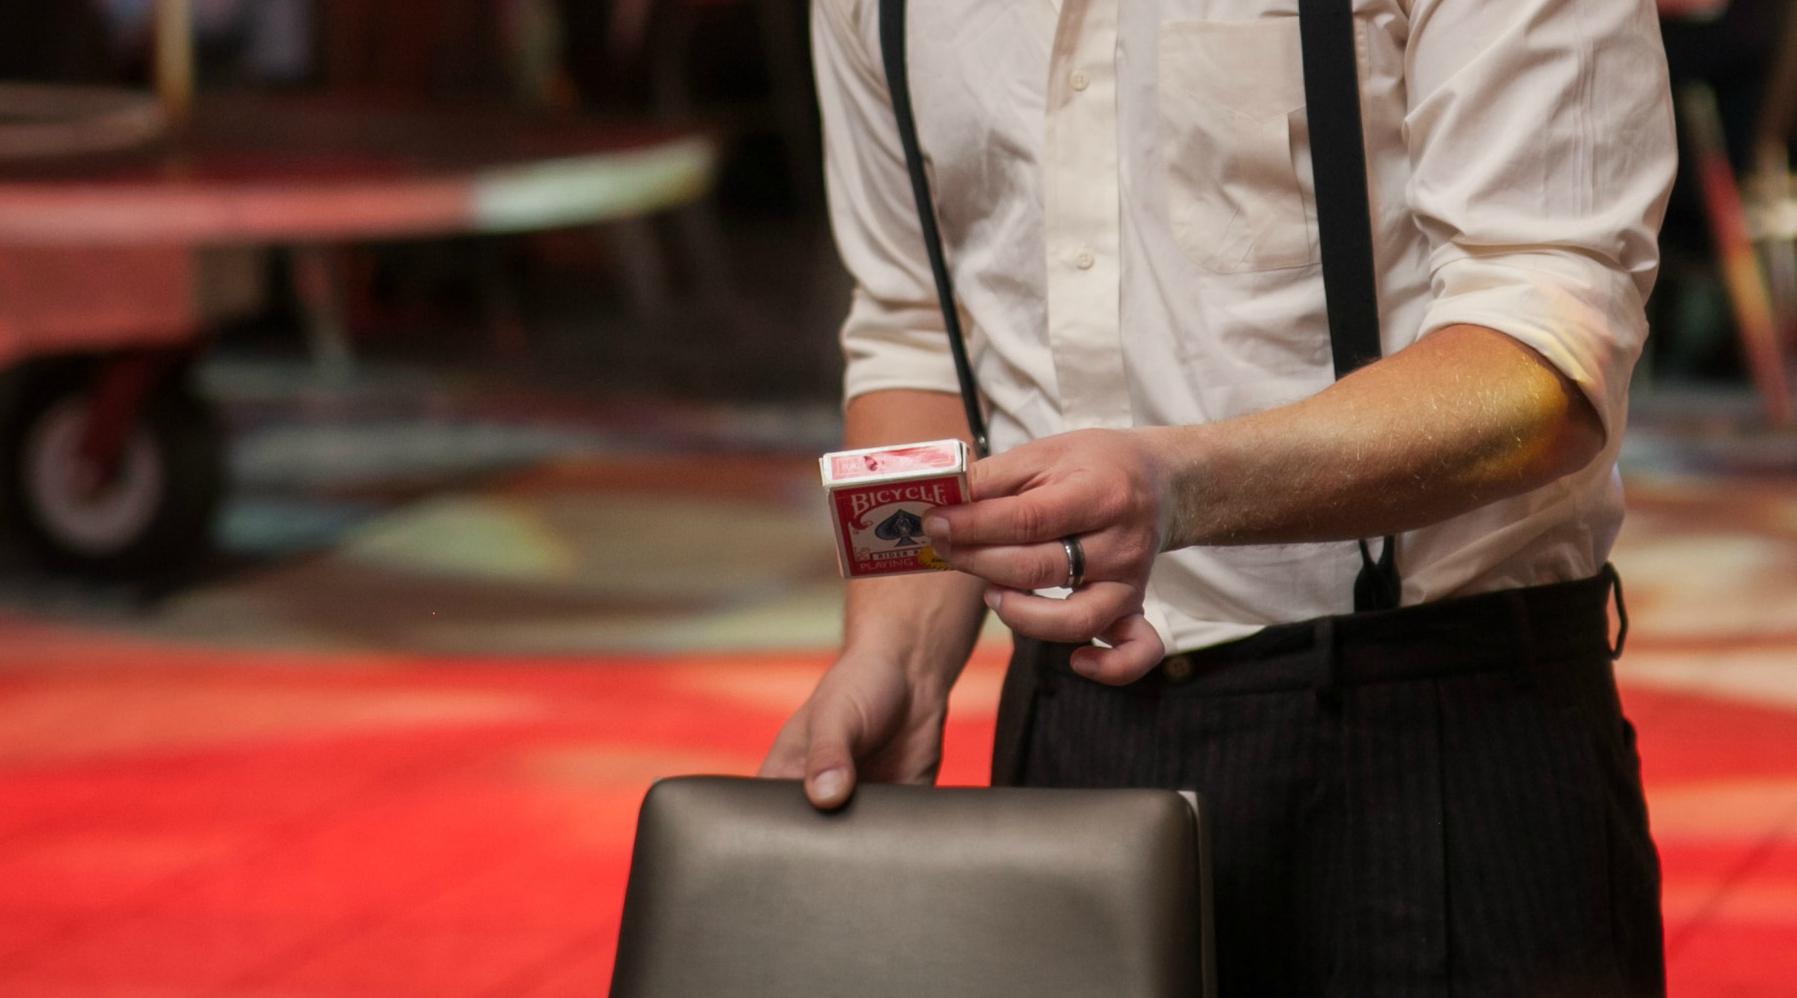 jason-bird-deck-of-cards